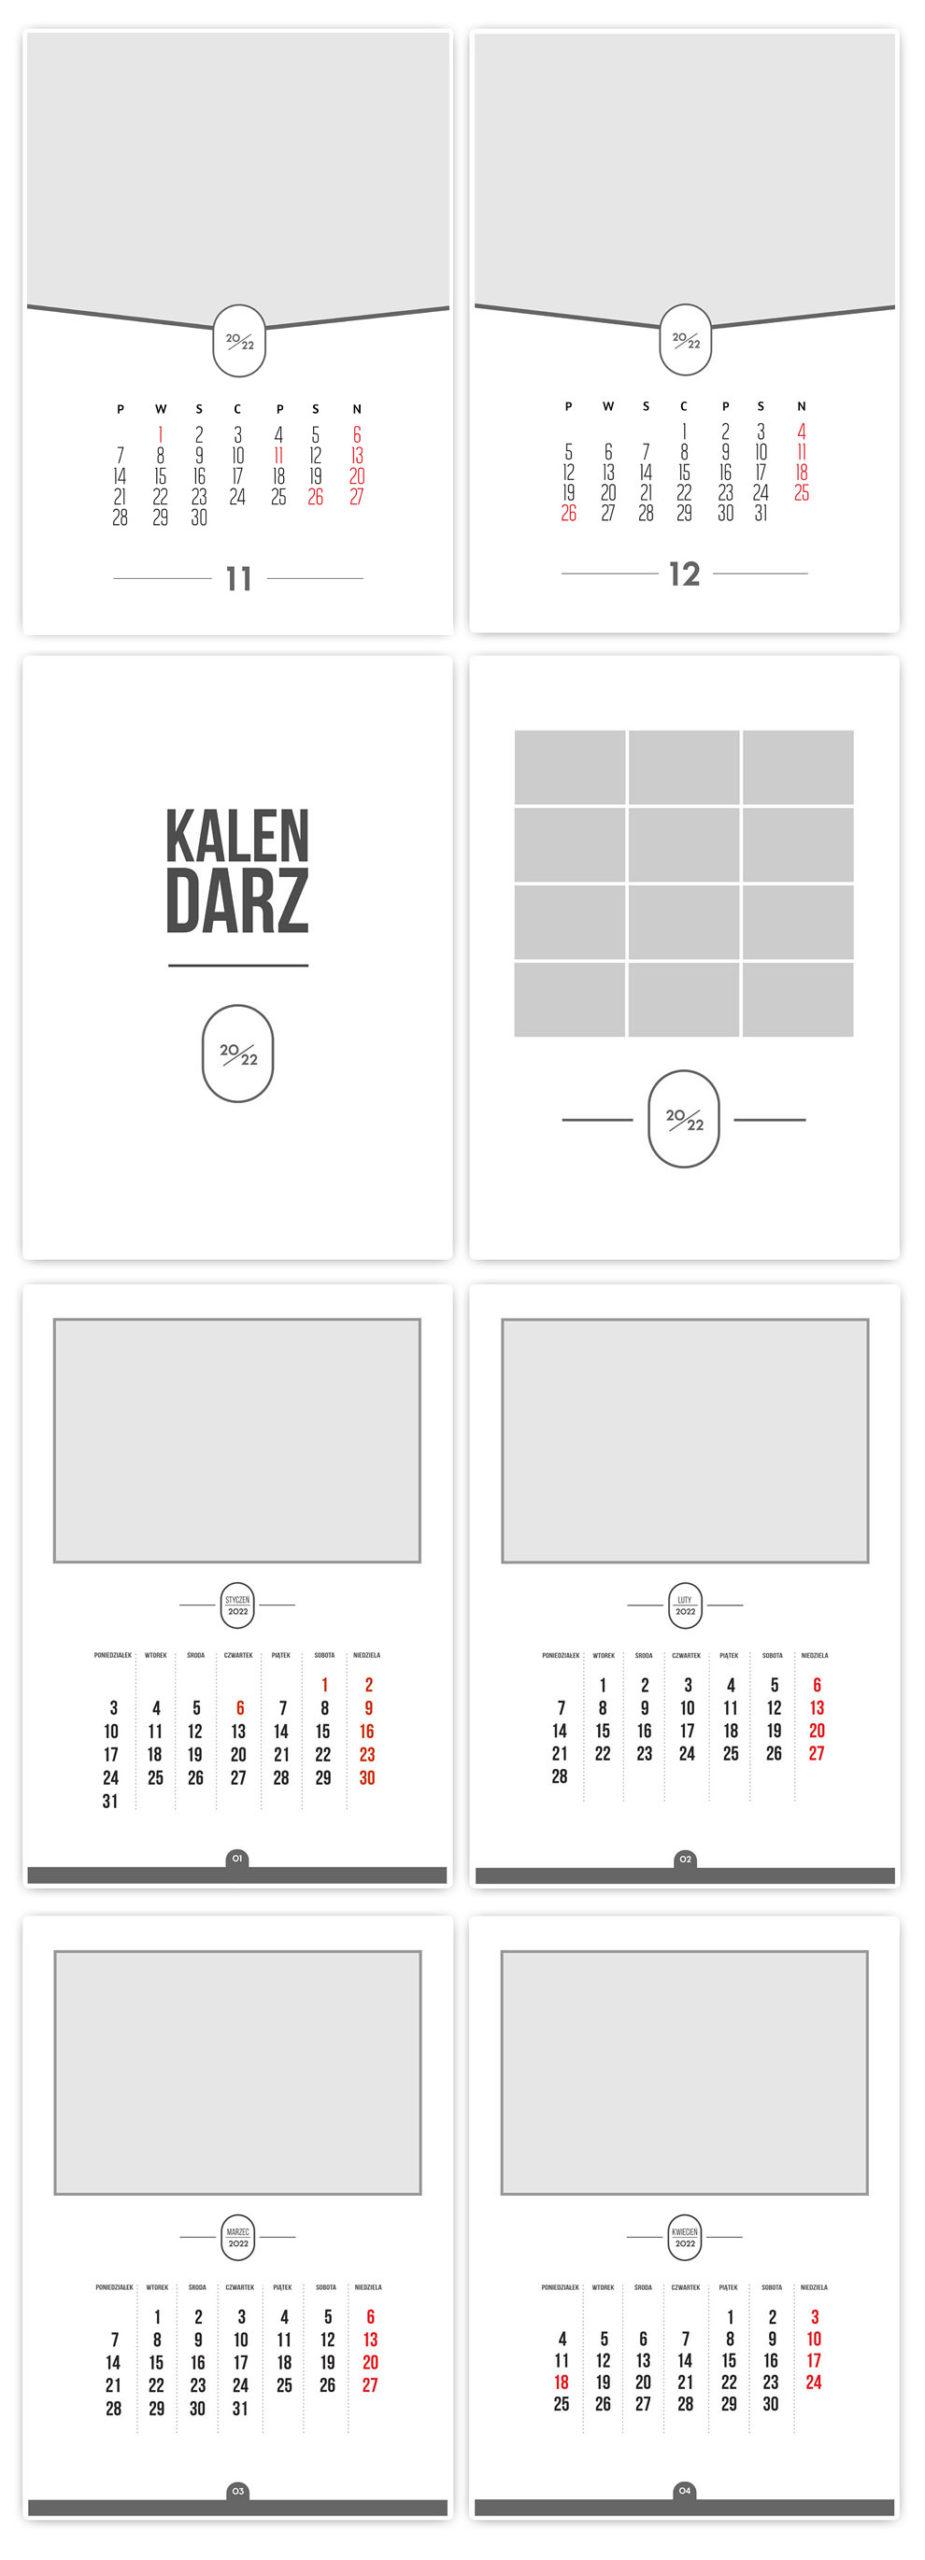 kalendarze szablony kalendarium 2022